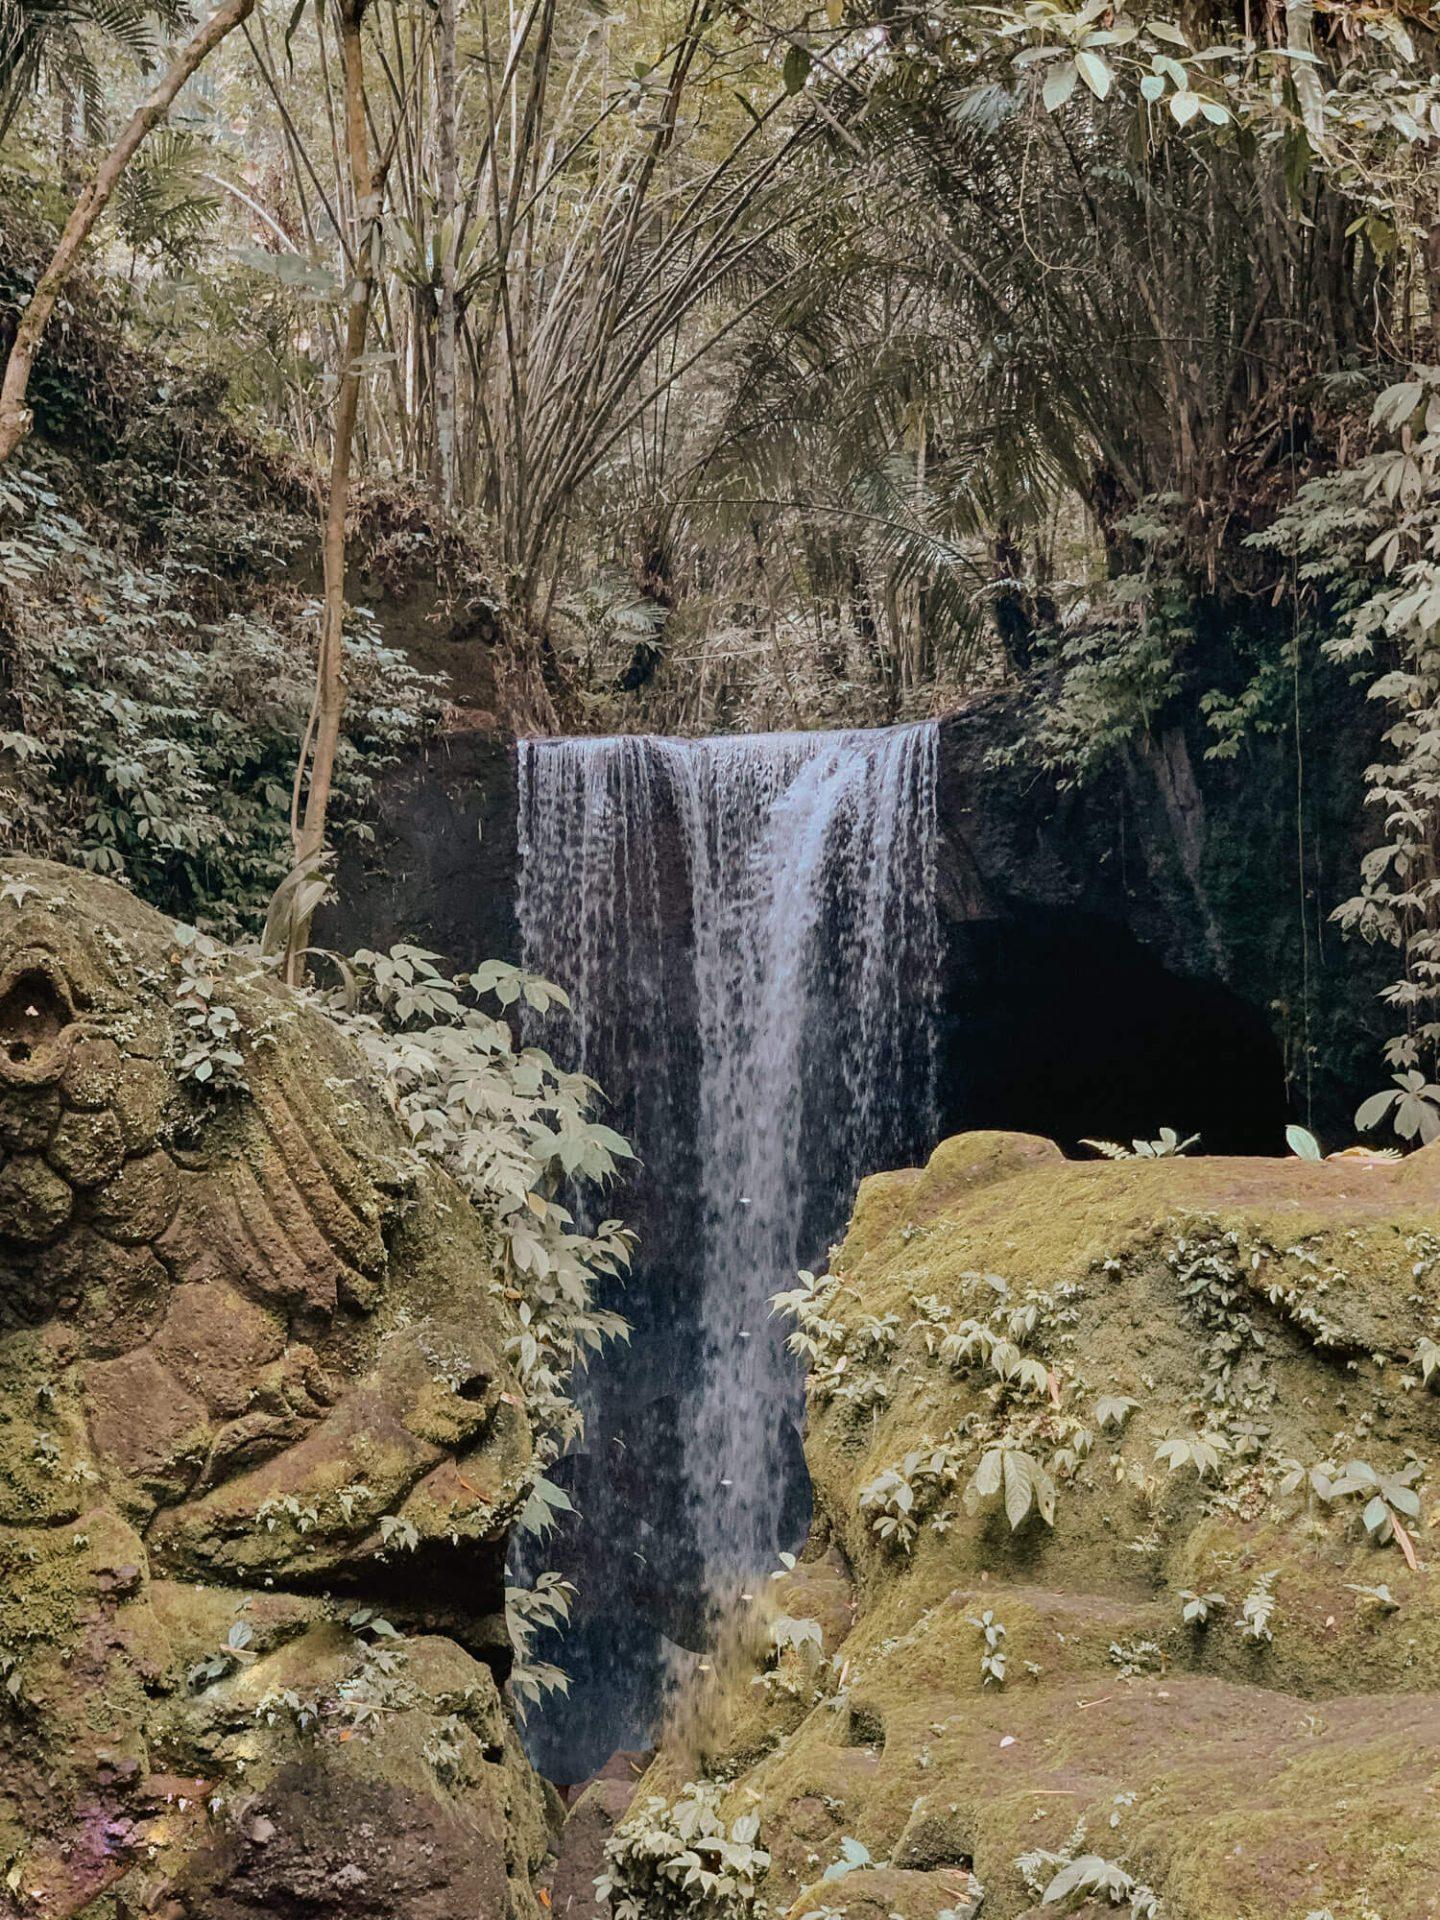 Suwat Waterfall Ubud Bali